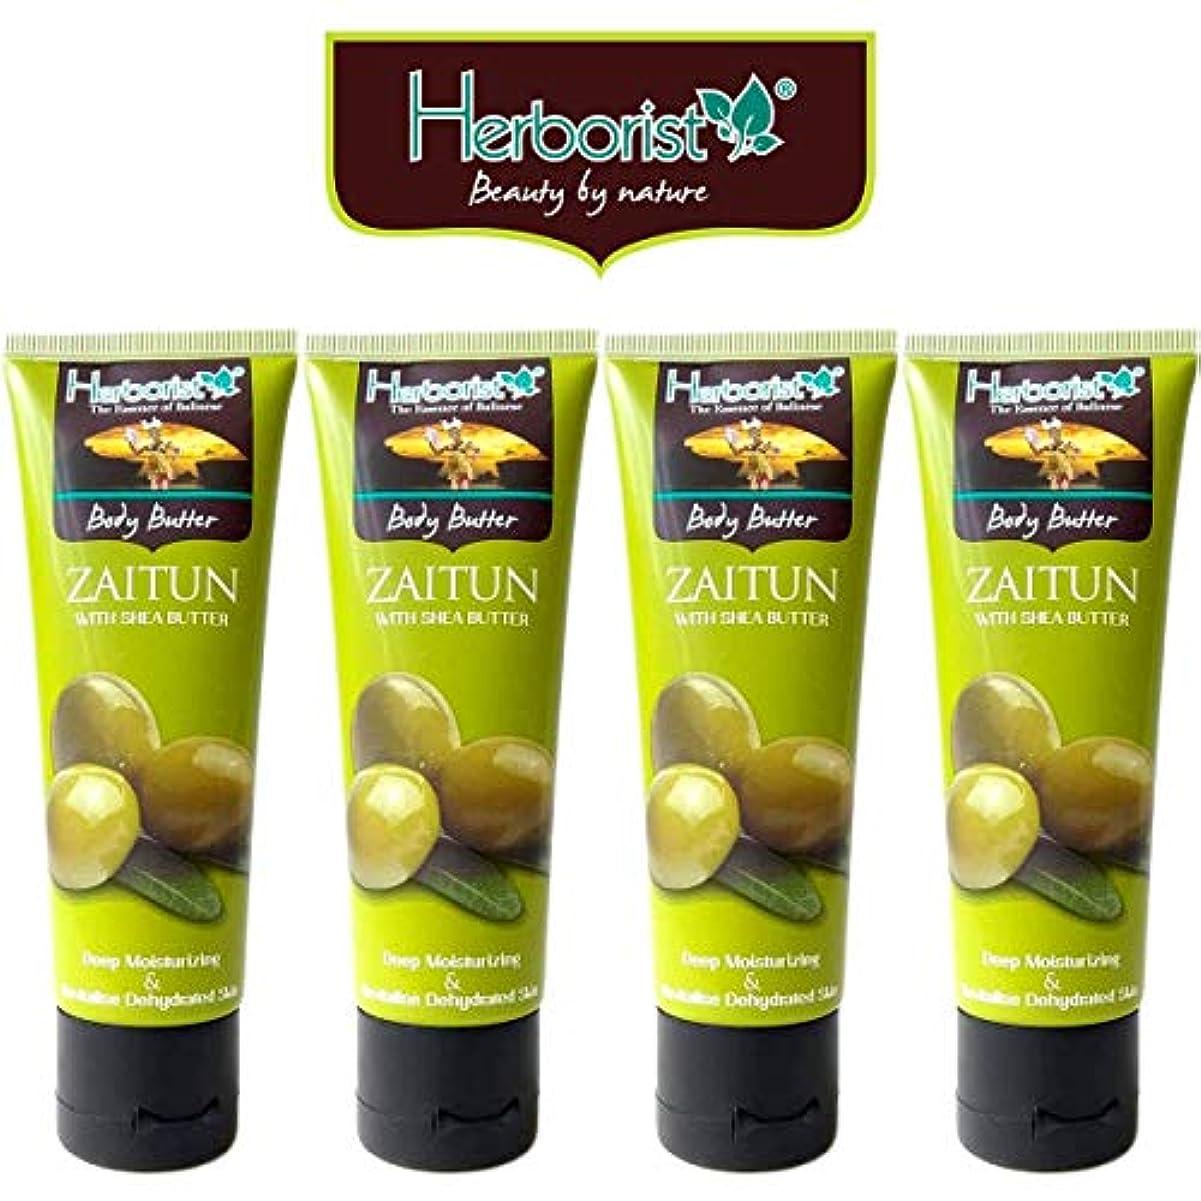 安らぎ運動カセットHerborist ハーボリスト Body Butter ボディバター バリスイーツの香り シアバター配合 80g×4個セット Olive Zaitun オリーブ [海外直送品]